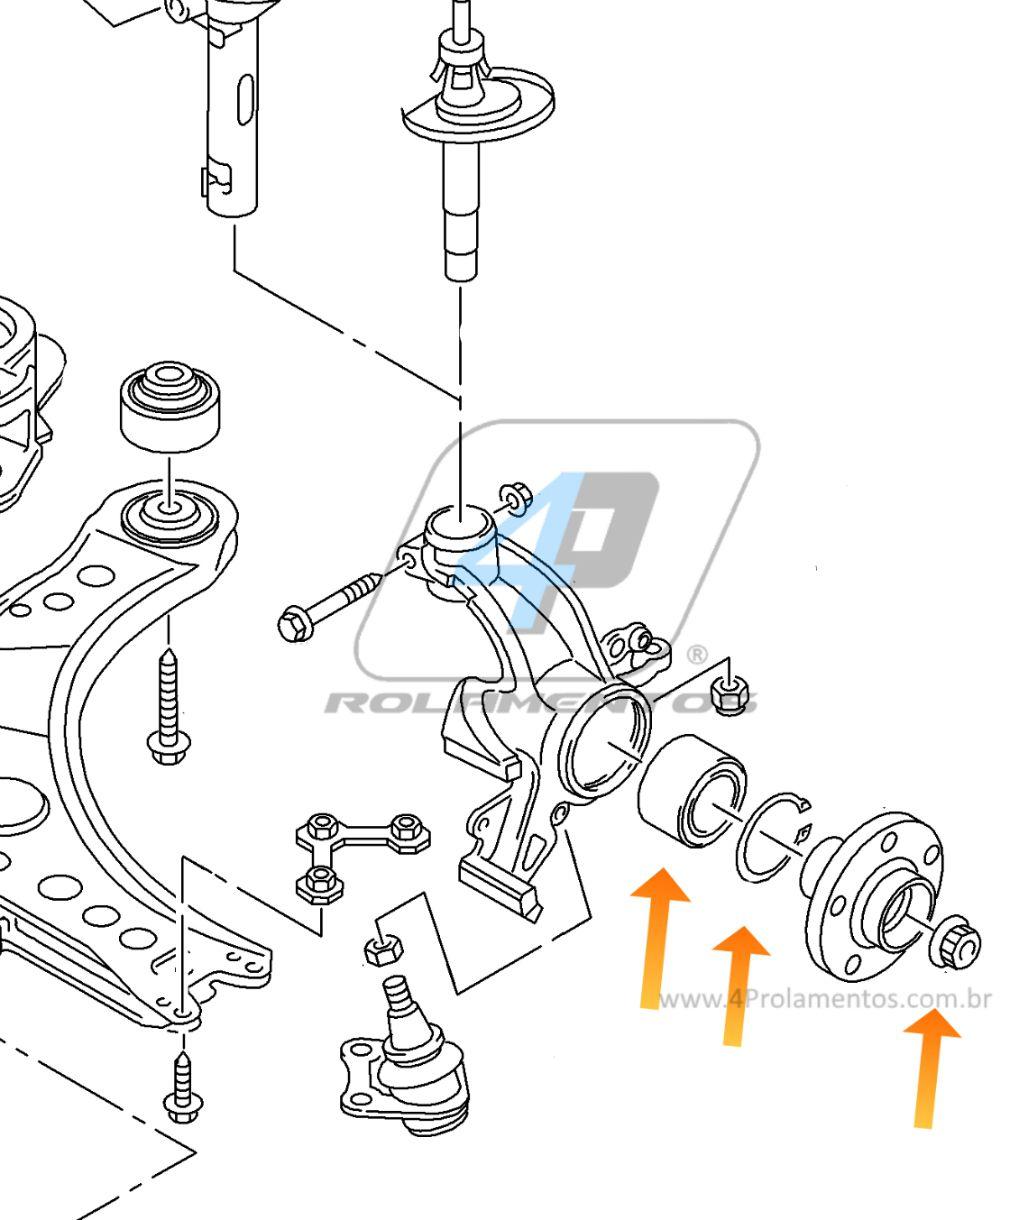 Rolamento de Roda Dianteira VW Golf 1997 até 2013 com kit reparo